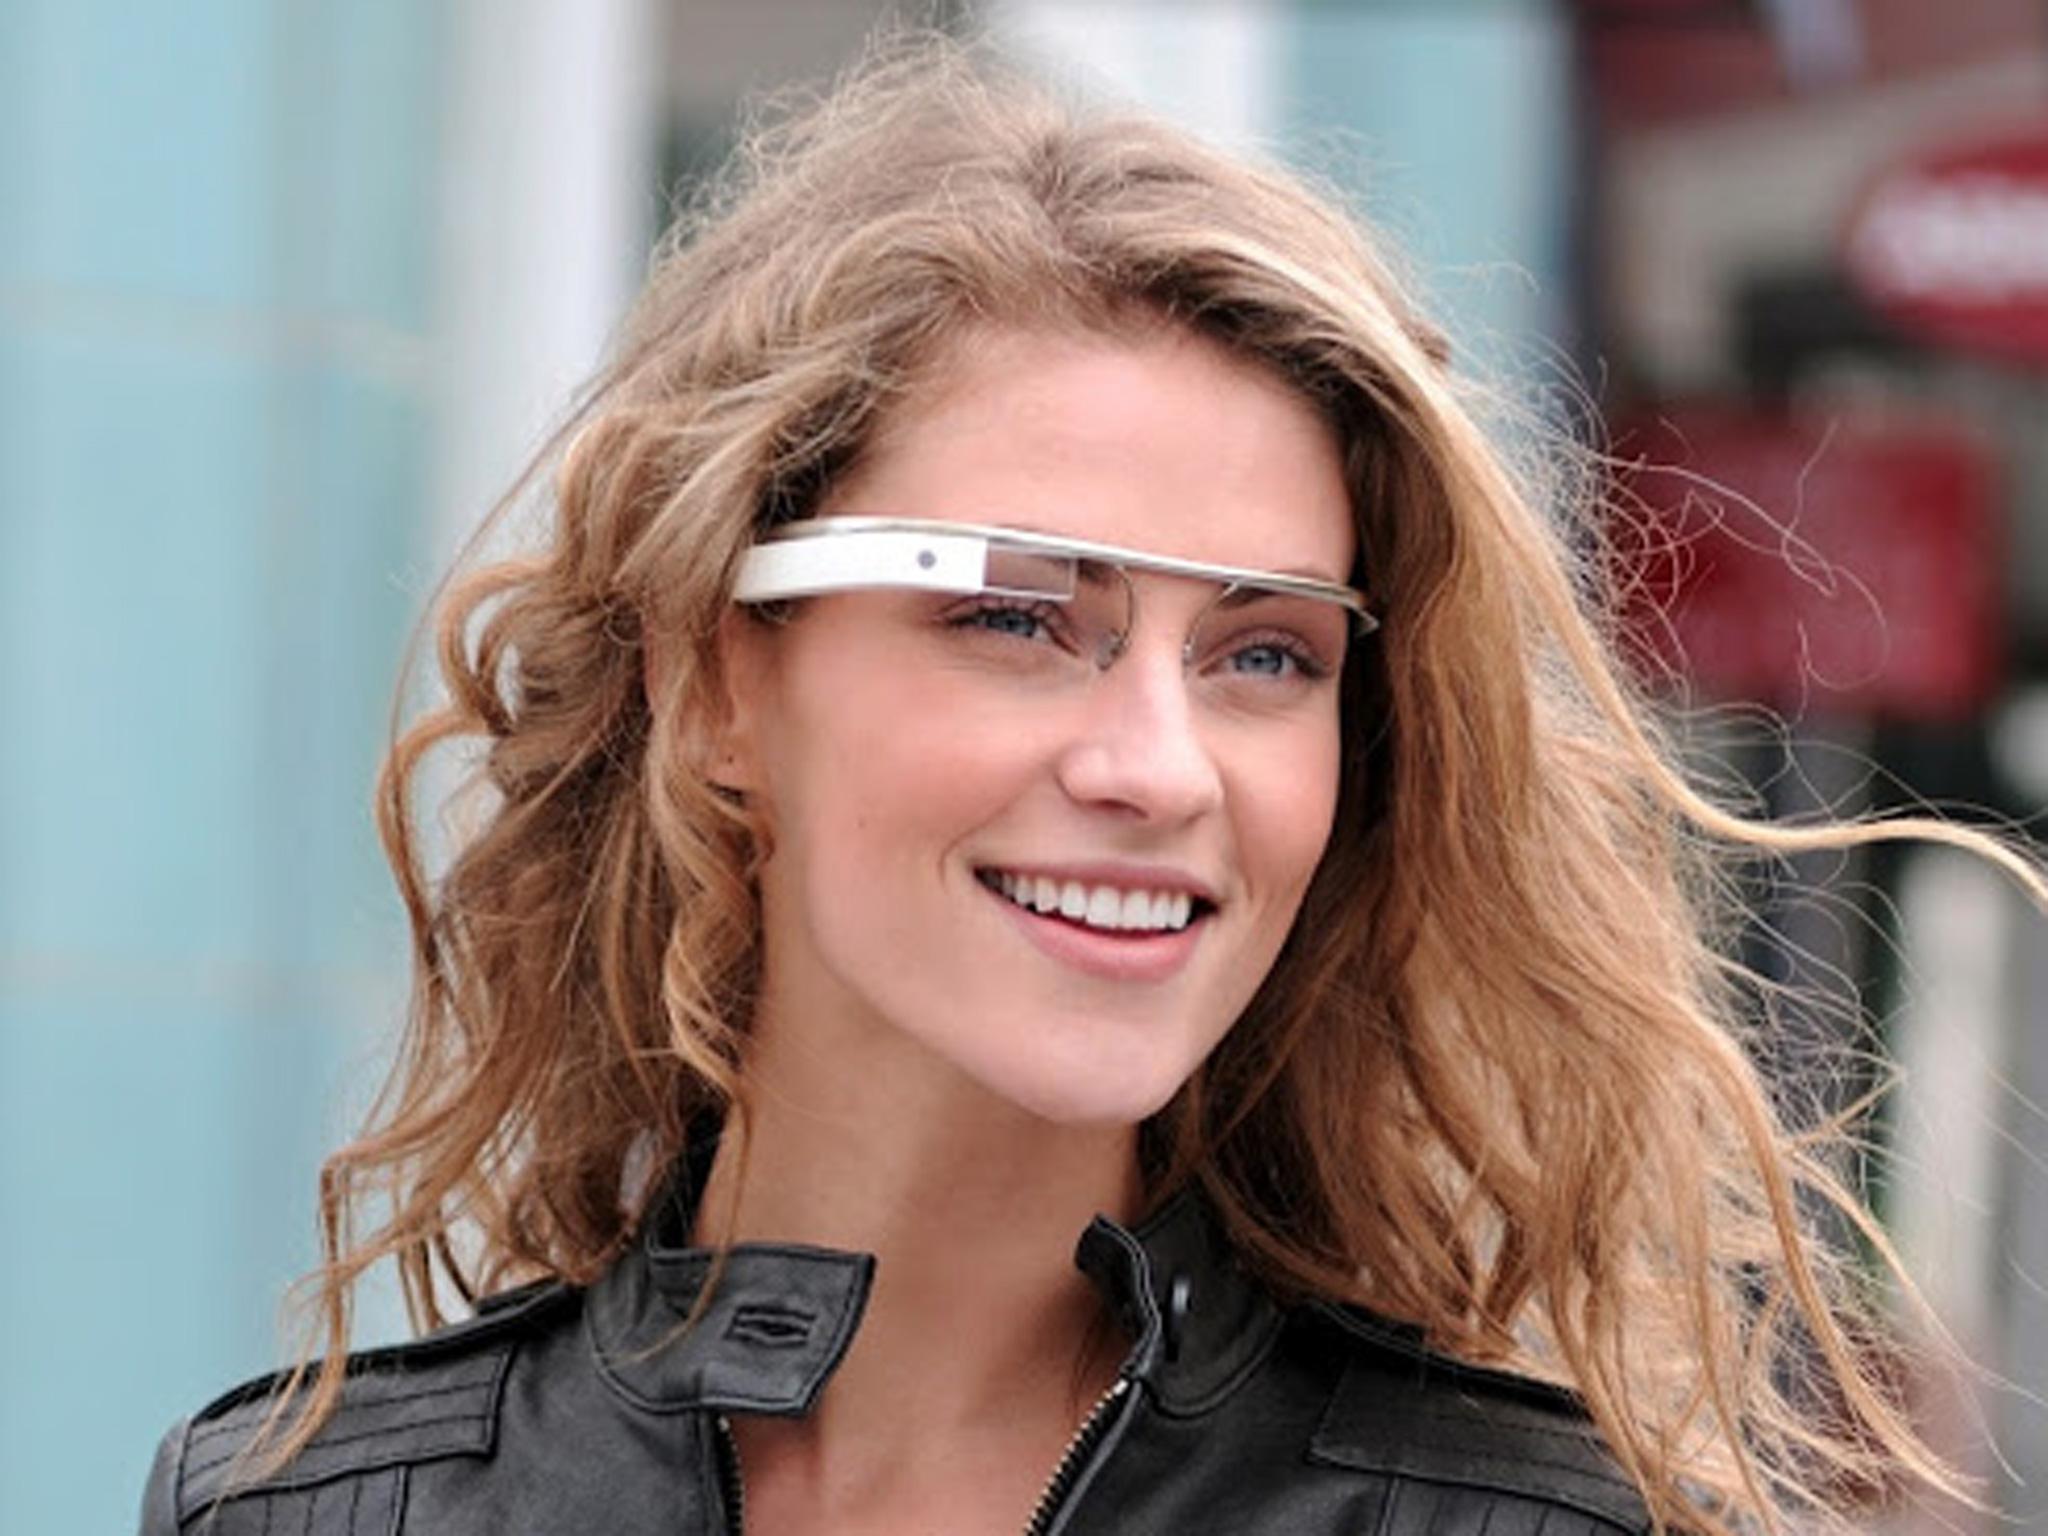 Купить Google Glass можно будет уже в этом году по цене ниже 1500 долларов США